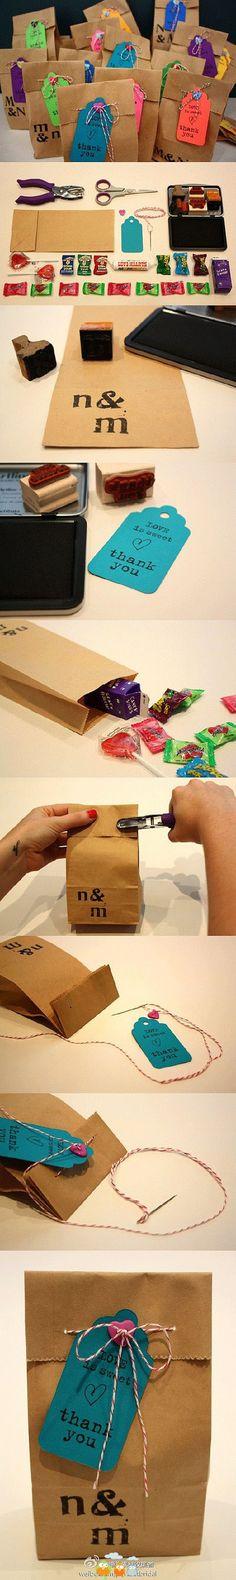 Hacer bolsitas de papel madera para regalo y etiquetas o tarjetas